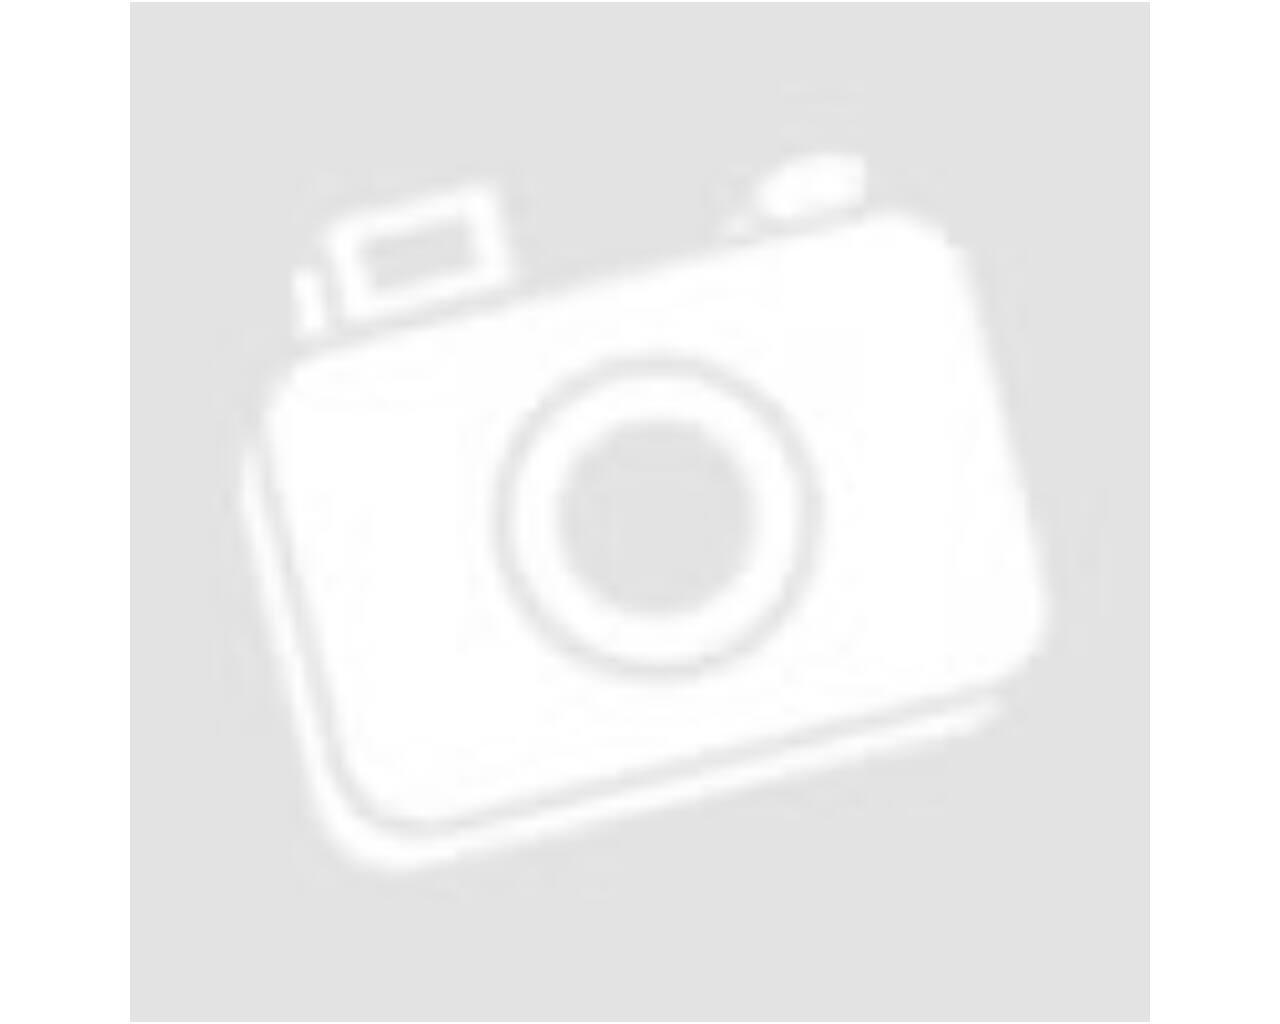 Járólap Louro Dune bézs laminált mintázat 20,5 x 61,5 cm